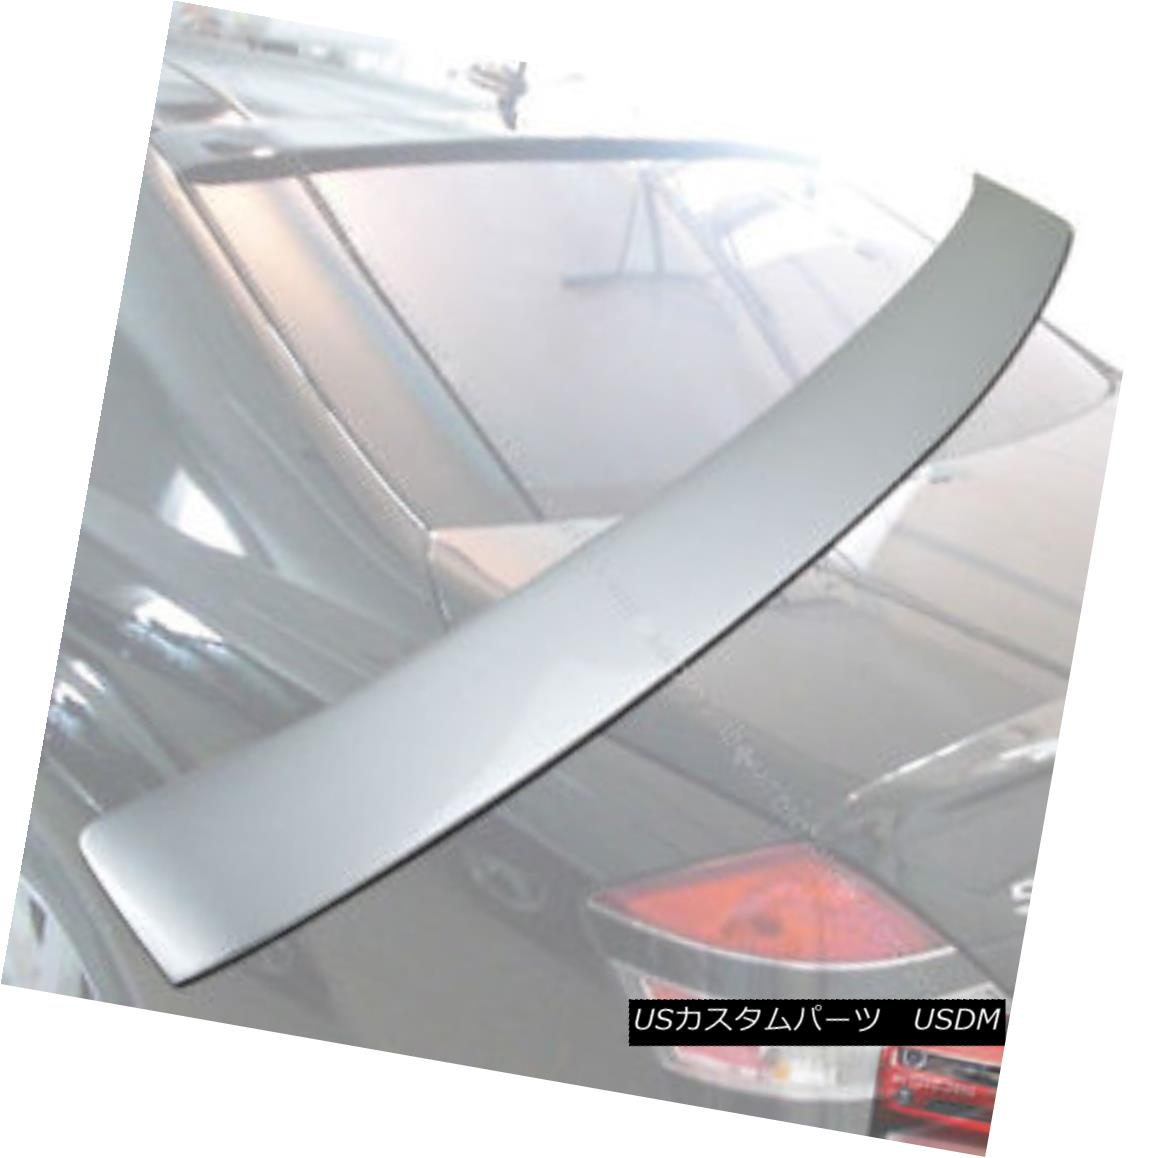 エアロパーツ Painted 07-13 Mercedes W221 S-class Roof Spoiler Rear Wing L 744 § 塗装07-13メルセデスW221 SクラスルーフスポイラーリアウィングL 744